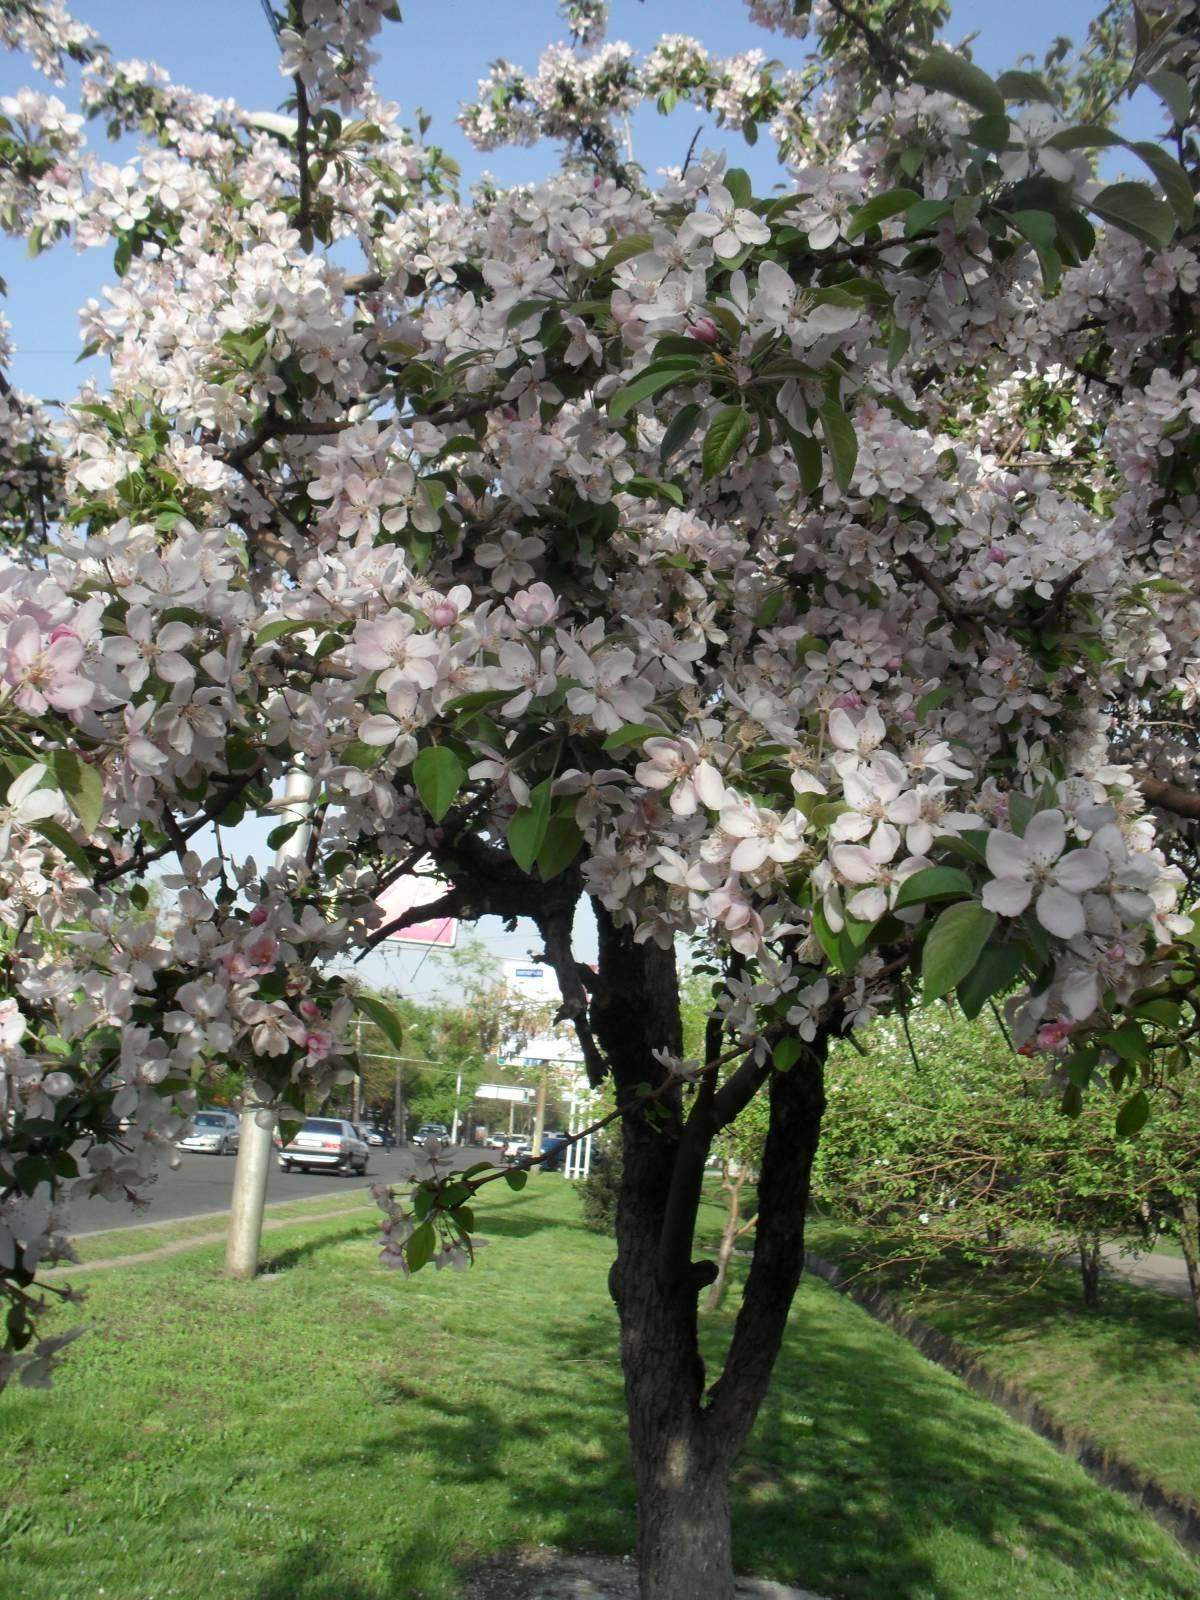 картинки яблоневого сада цветущего предшественниками для